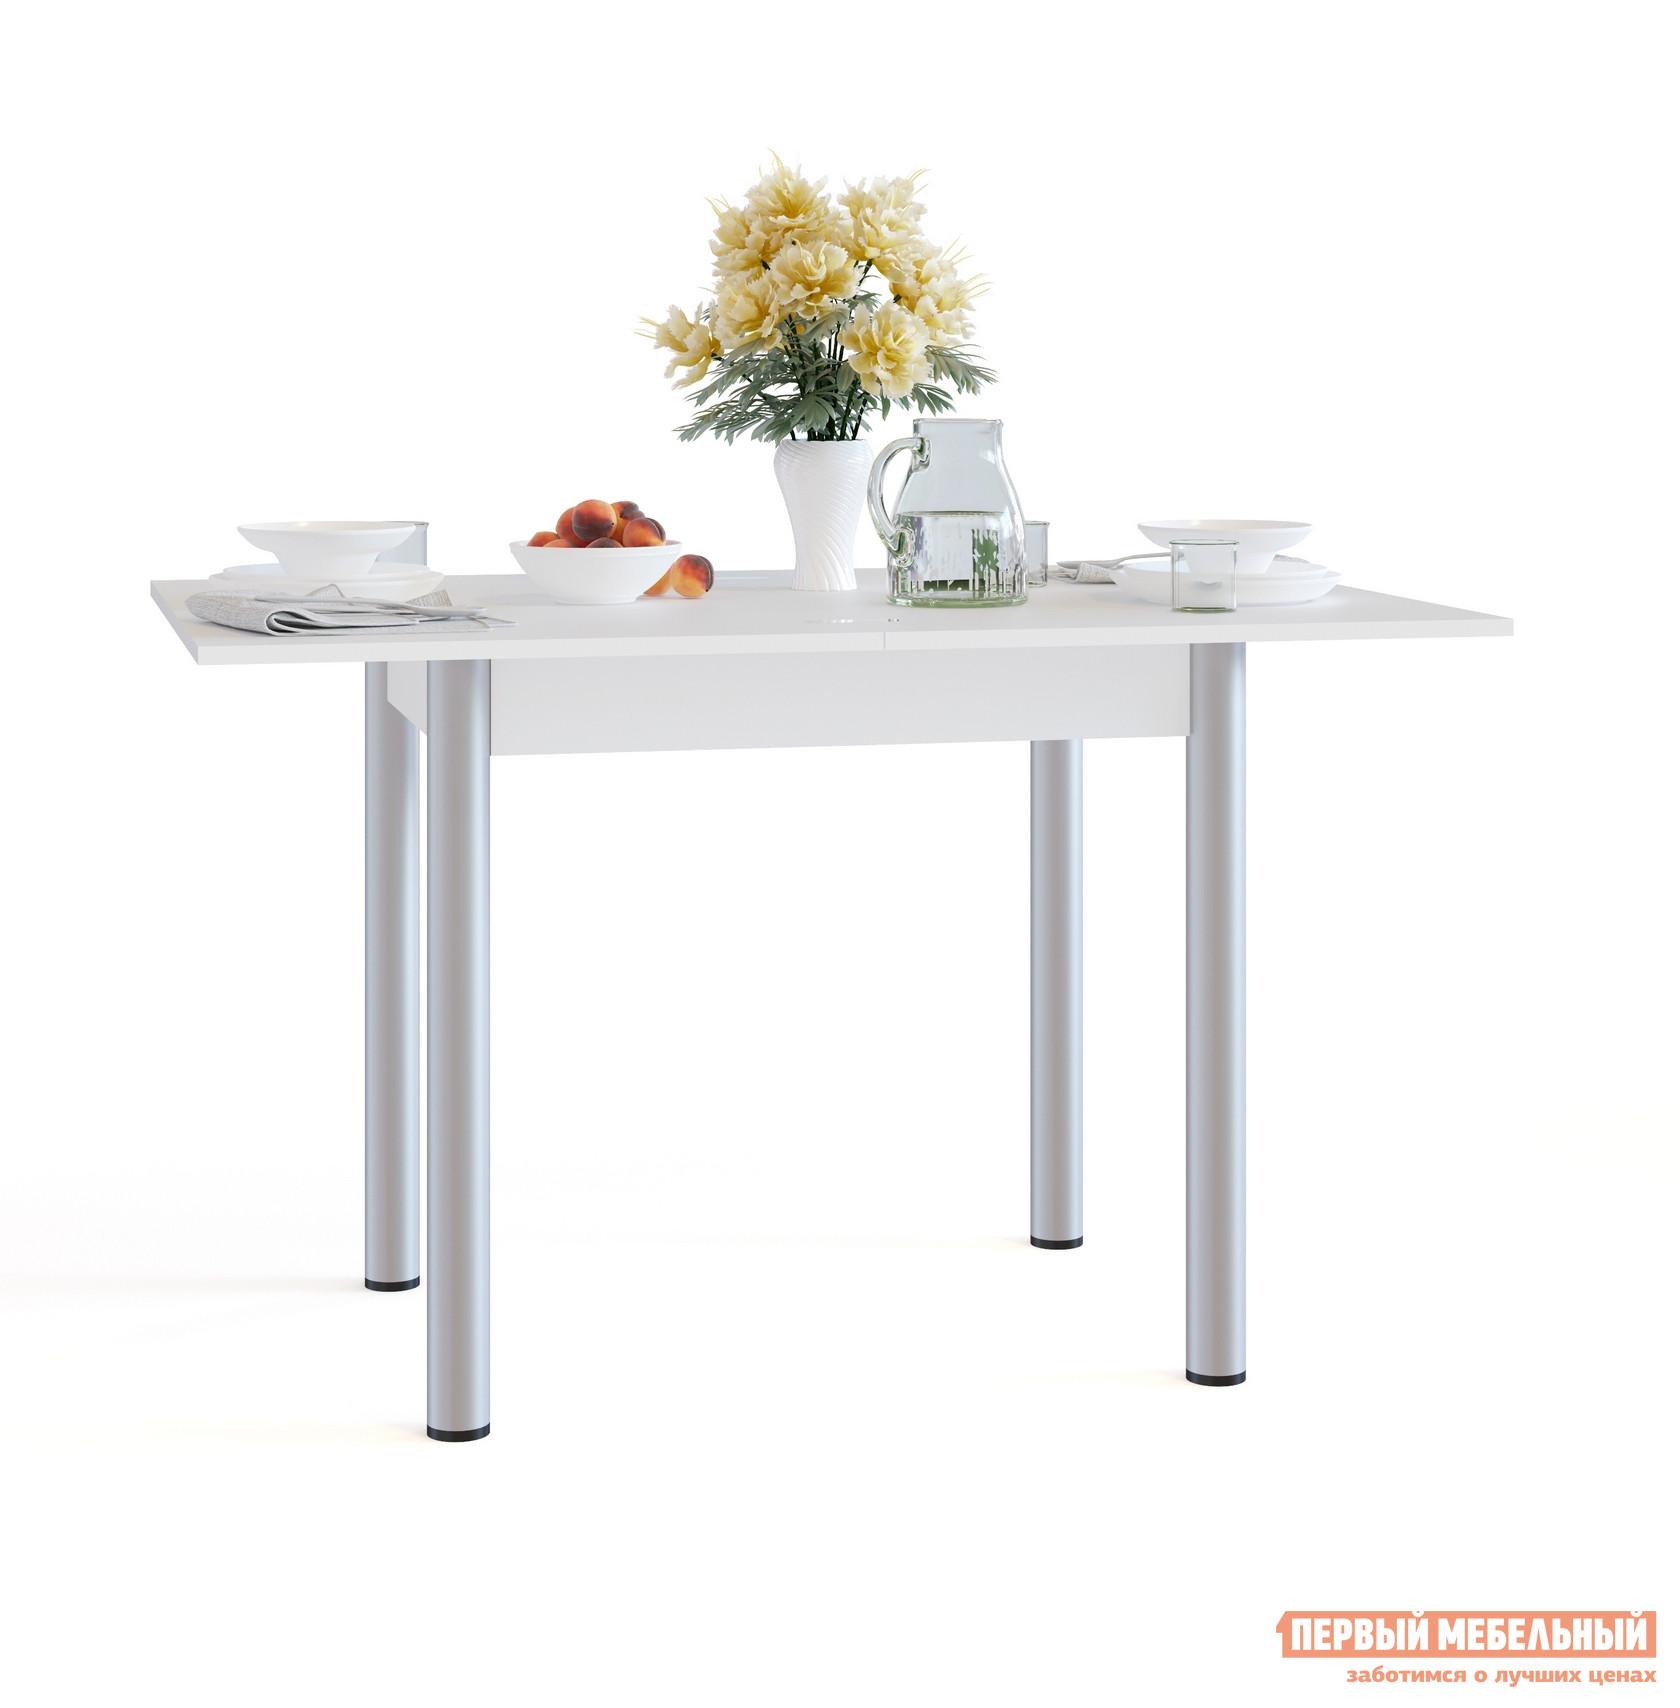 Кухонный стол Сокол СО-1м БелыйКухонные столы<br>Габаритные размеры ВхШхГ 772 / 756x800 / 1200x600 / 800 мм. Раскладной обеденный стол с компактными размерами идеально пойдет для маленькой кухни.  В сложенном виде размеры столешницы составляют всего 800х600 мм.  Лаконичный стиль исполнения делает модель универсальной для любого интерьера. Стол оснащен раскладным механизмом, который увеличивает ширину столешницы до 1200 мм.  Чтобы разложить стол, нужно отодвинуть столешницу, повернуть ее на 90 градусов и раскрыть как книжку.  Удобно и просто. Обратите внимание! В разложенном состоянии петли находятся на поверхности столешницы. Столешница и подстолье изготавливаются из ЛДСП толщиной 16 мм.  Края столешницы обработаны кромкой ПВХ 2 мм, остальные детали — ПВХ 0,4 мм.  Ножки — металлические. Рекомендуем сохранить инструкцию по сборке (паспорт изделия) до истечения гарантийного срока.<br><br>Цвет: Белый<br>Высота мм: 772 / 756<br>Ширина мм: 800 / 1200<br>Глубина мм: 600 / 800<br>Кол-во упаковок: 1<br>Форма поставки: В разобранном виде<br>Срок гарантии: 2 года<br>Тип: Раскладные<br>Тип: Трансформер<br>Материал: Дерево<br>Материал: ЛДСП<br>Форма: Прямоугольные<br>Размер: Маленькие<br>С металлическими ножками: Да